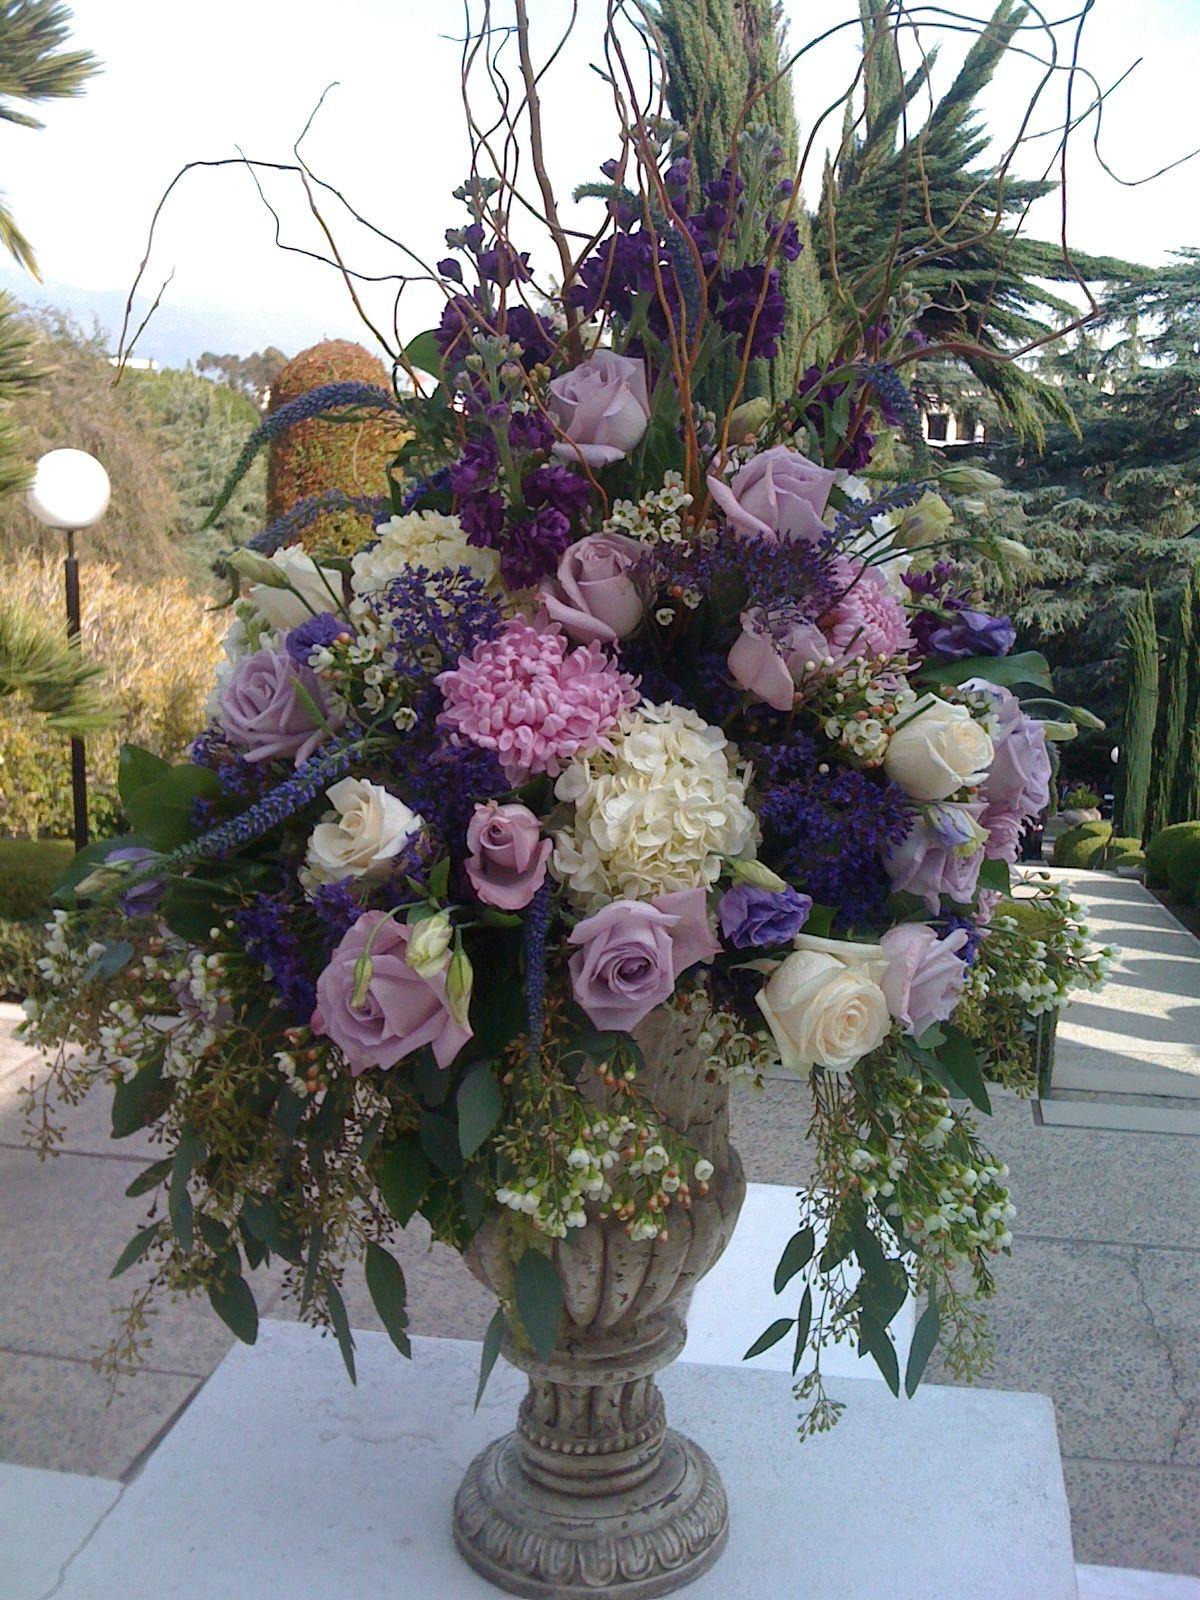 Urn Vase Centerpiece : Royal purple flor alter pinterest urn wedding and